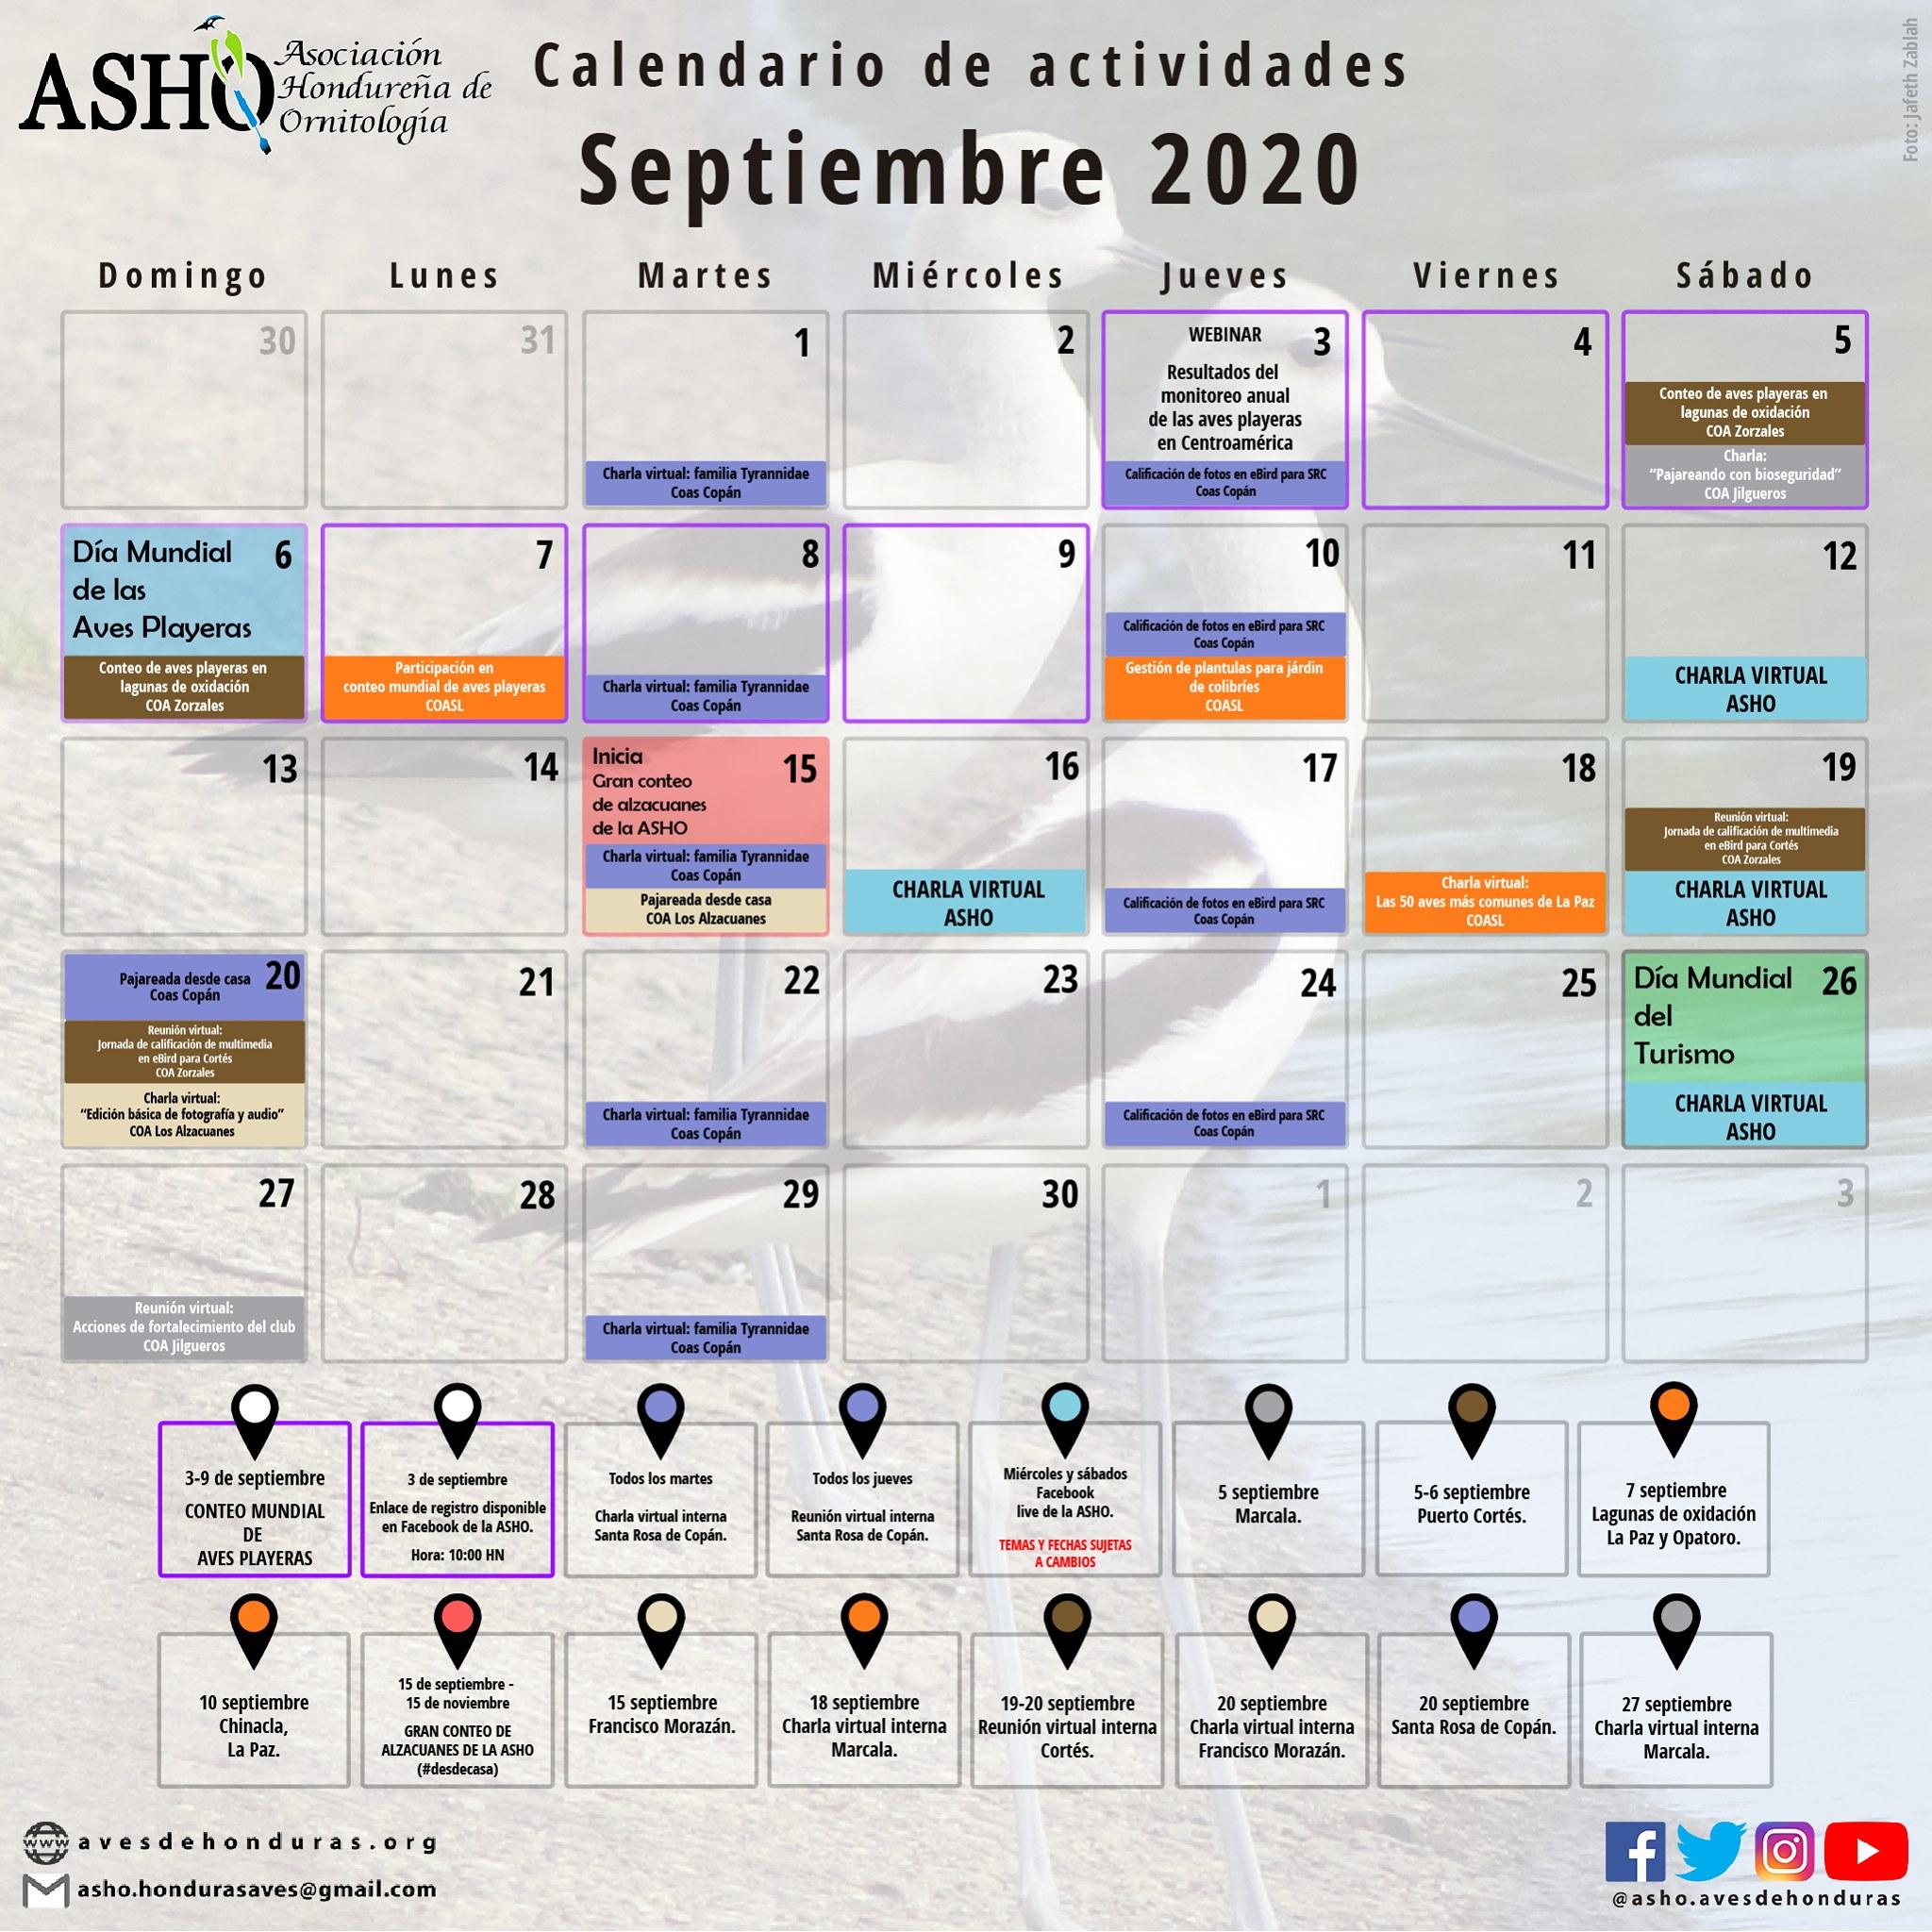 Calendario de actividades septiembre 2020